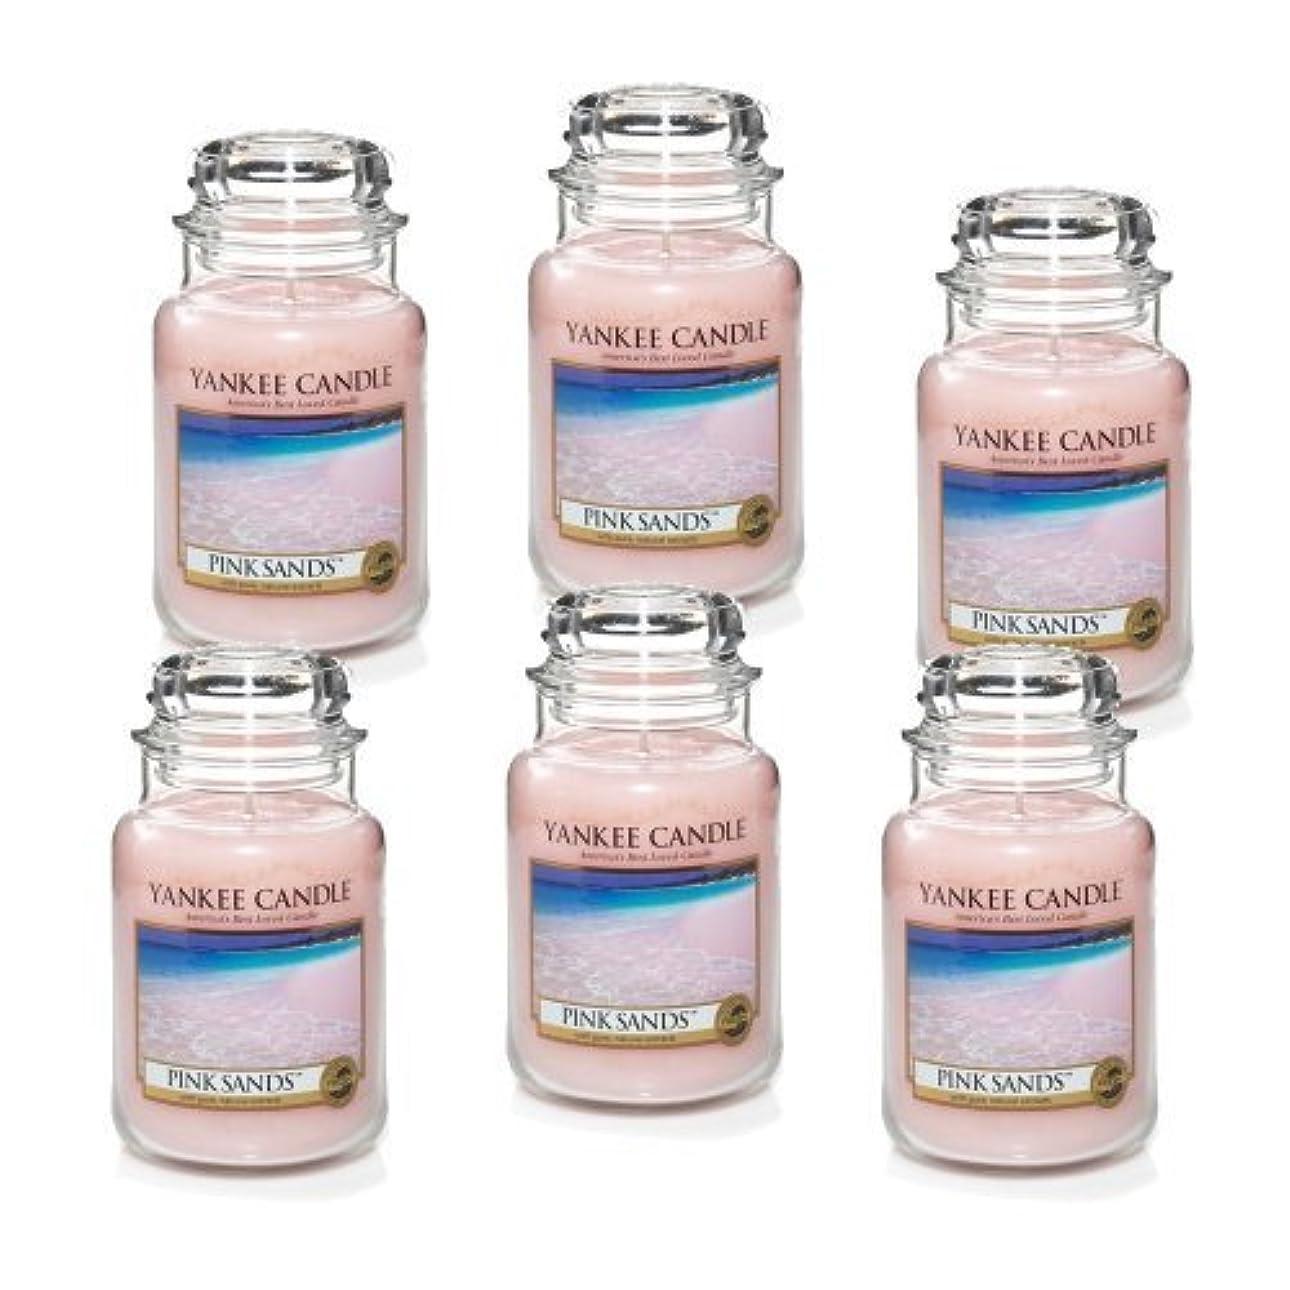 有益再現する特別にYankee Candle Company 22-Ounce Pink Sands Jar Candle, Large, Set of 6 by Amazon source [並行輸入品]